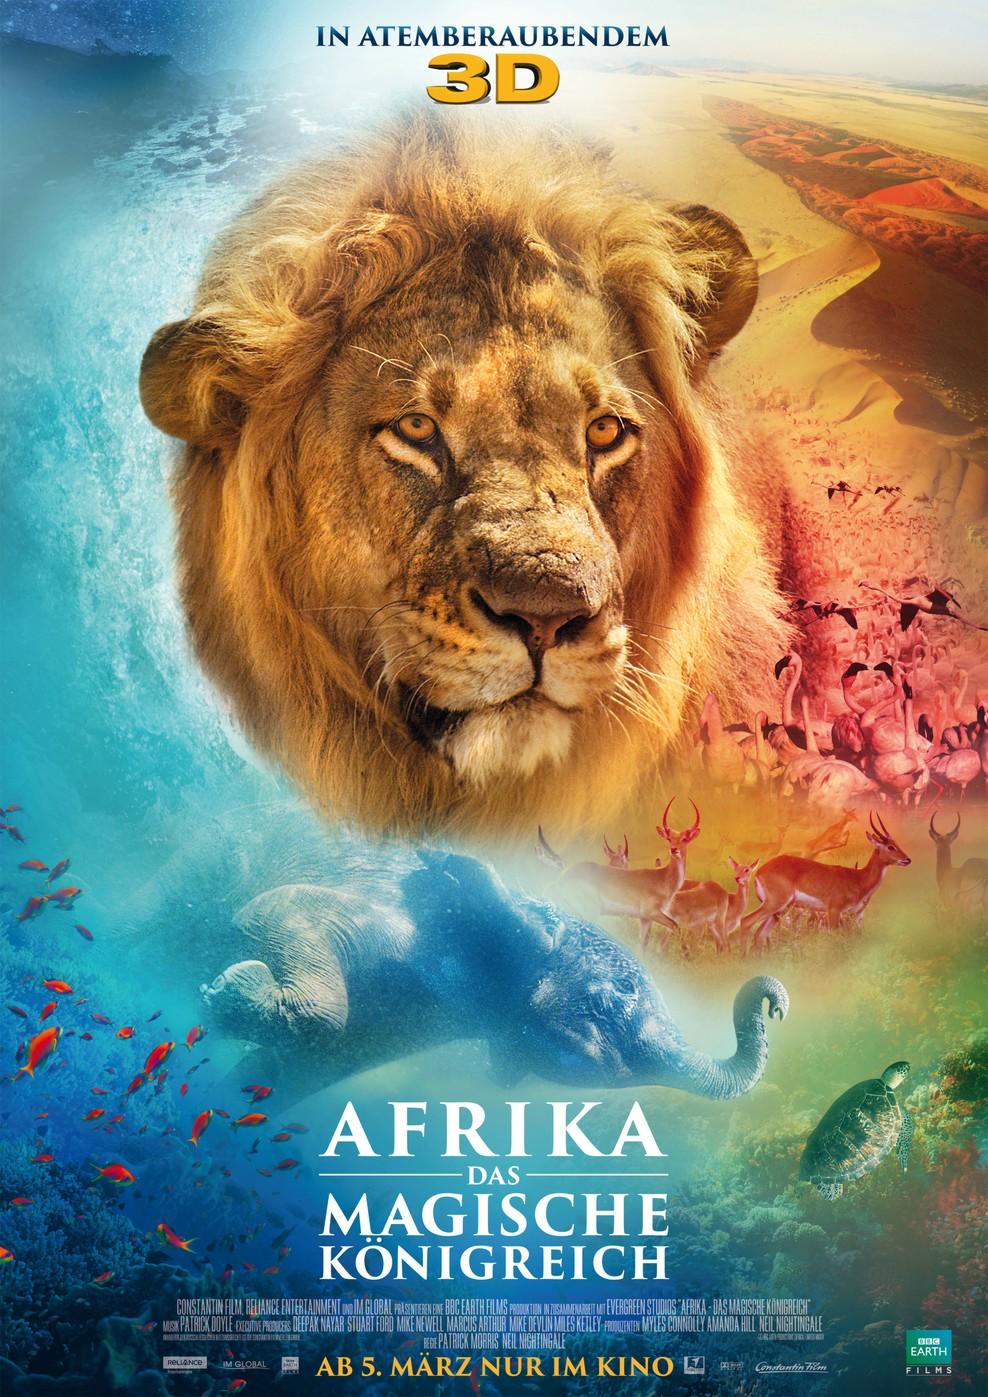 Afrika - Das magische Königreich (Poster)